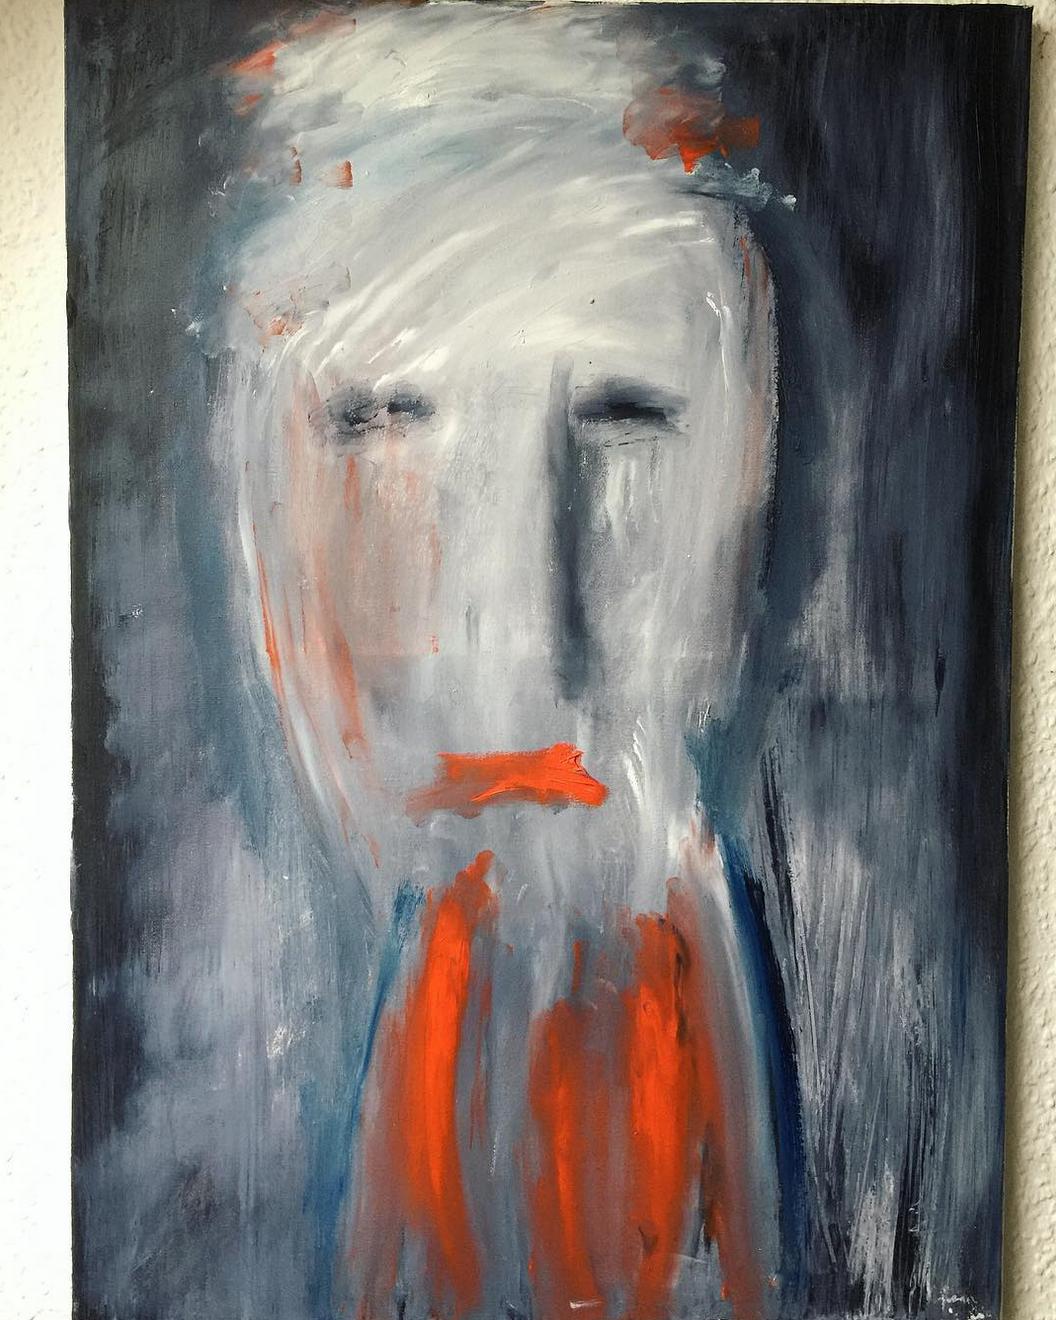 """Öl Malerei """"Faces: What can you see?"""" Künstlerin Kvila Bristenia, 50x70, Öl auf Leinwand, 02.2018 berühmte künstler der modern, moderne maler Deutschland, Gemälde kaufen, Original Bilder kaufen, Kunst Gemälde online kaufen,"""